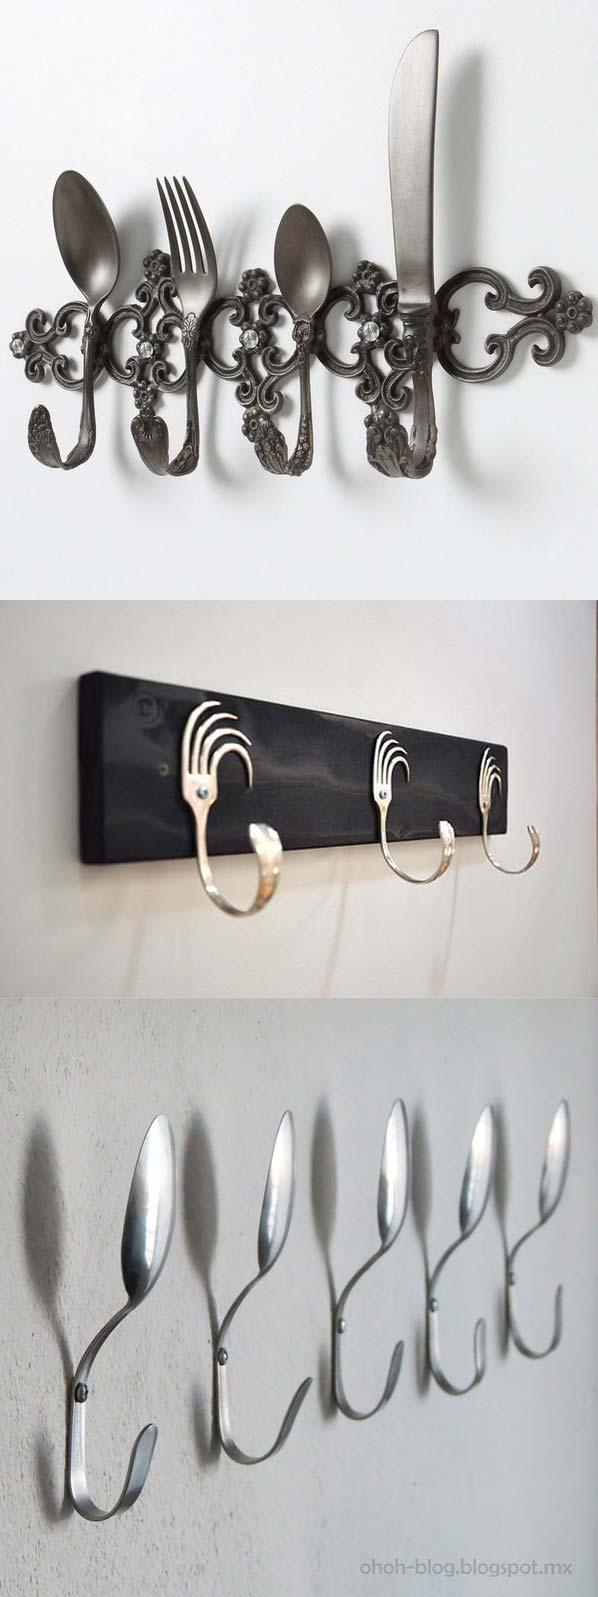 Оригинальные крючки для полотенец из вилок